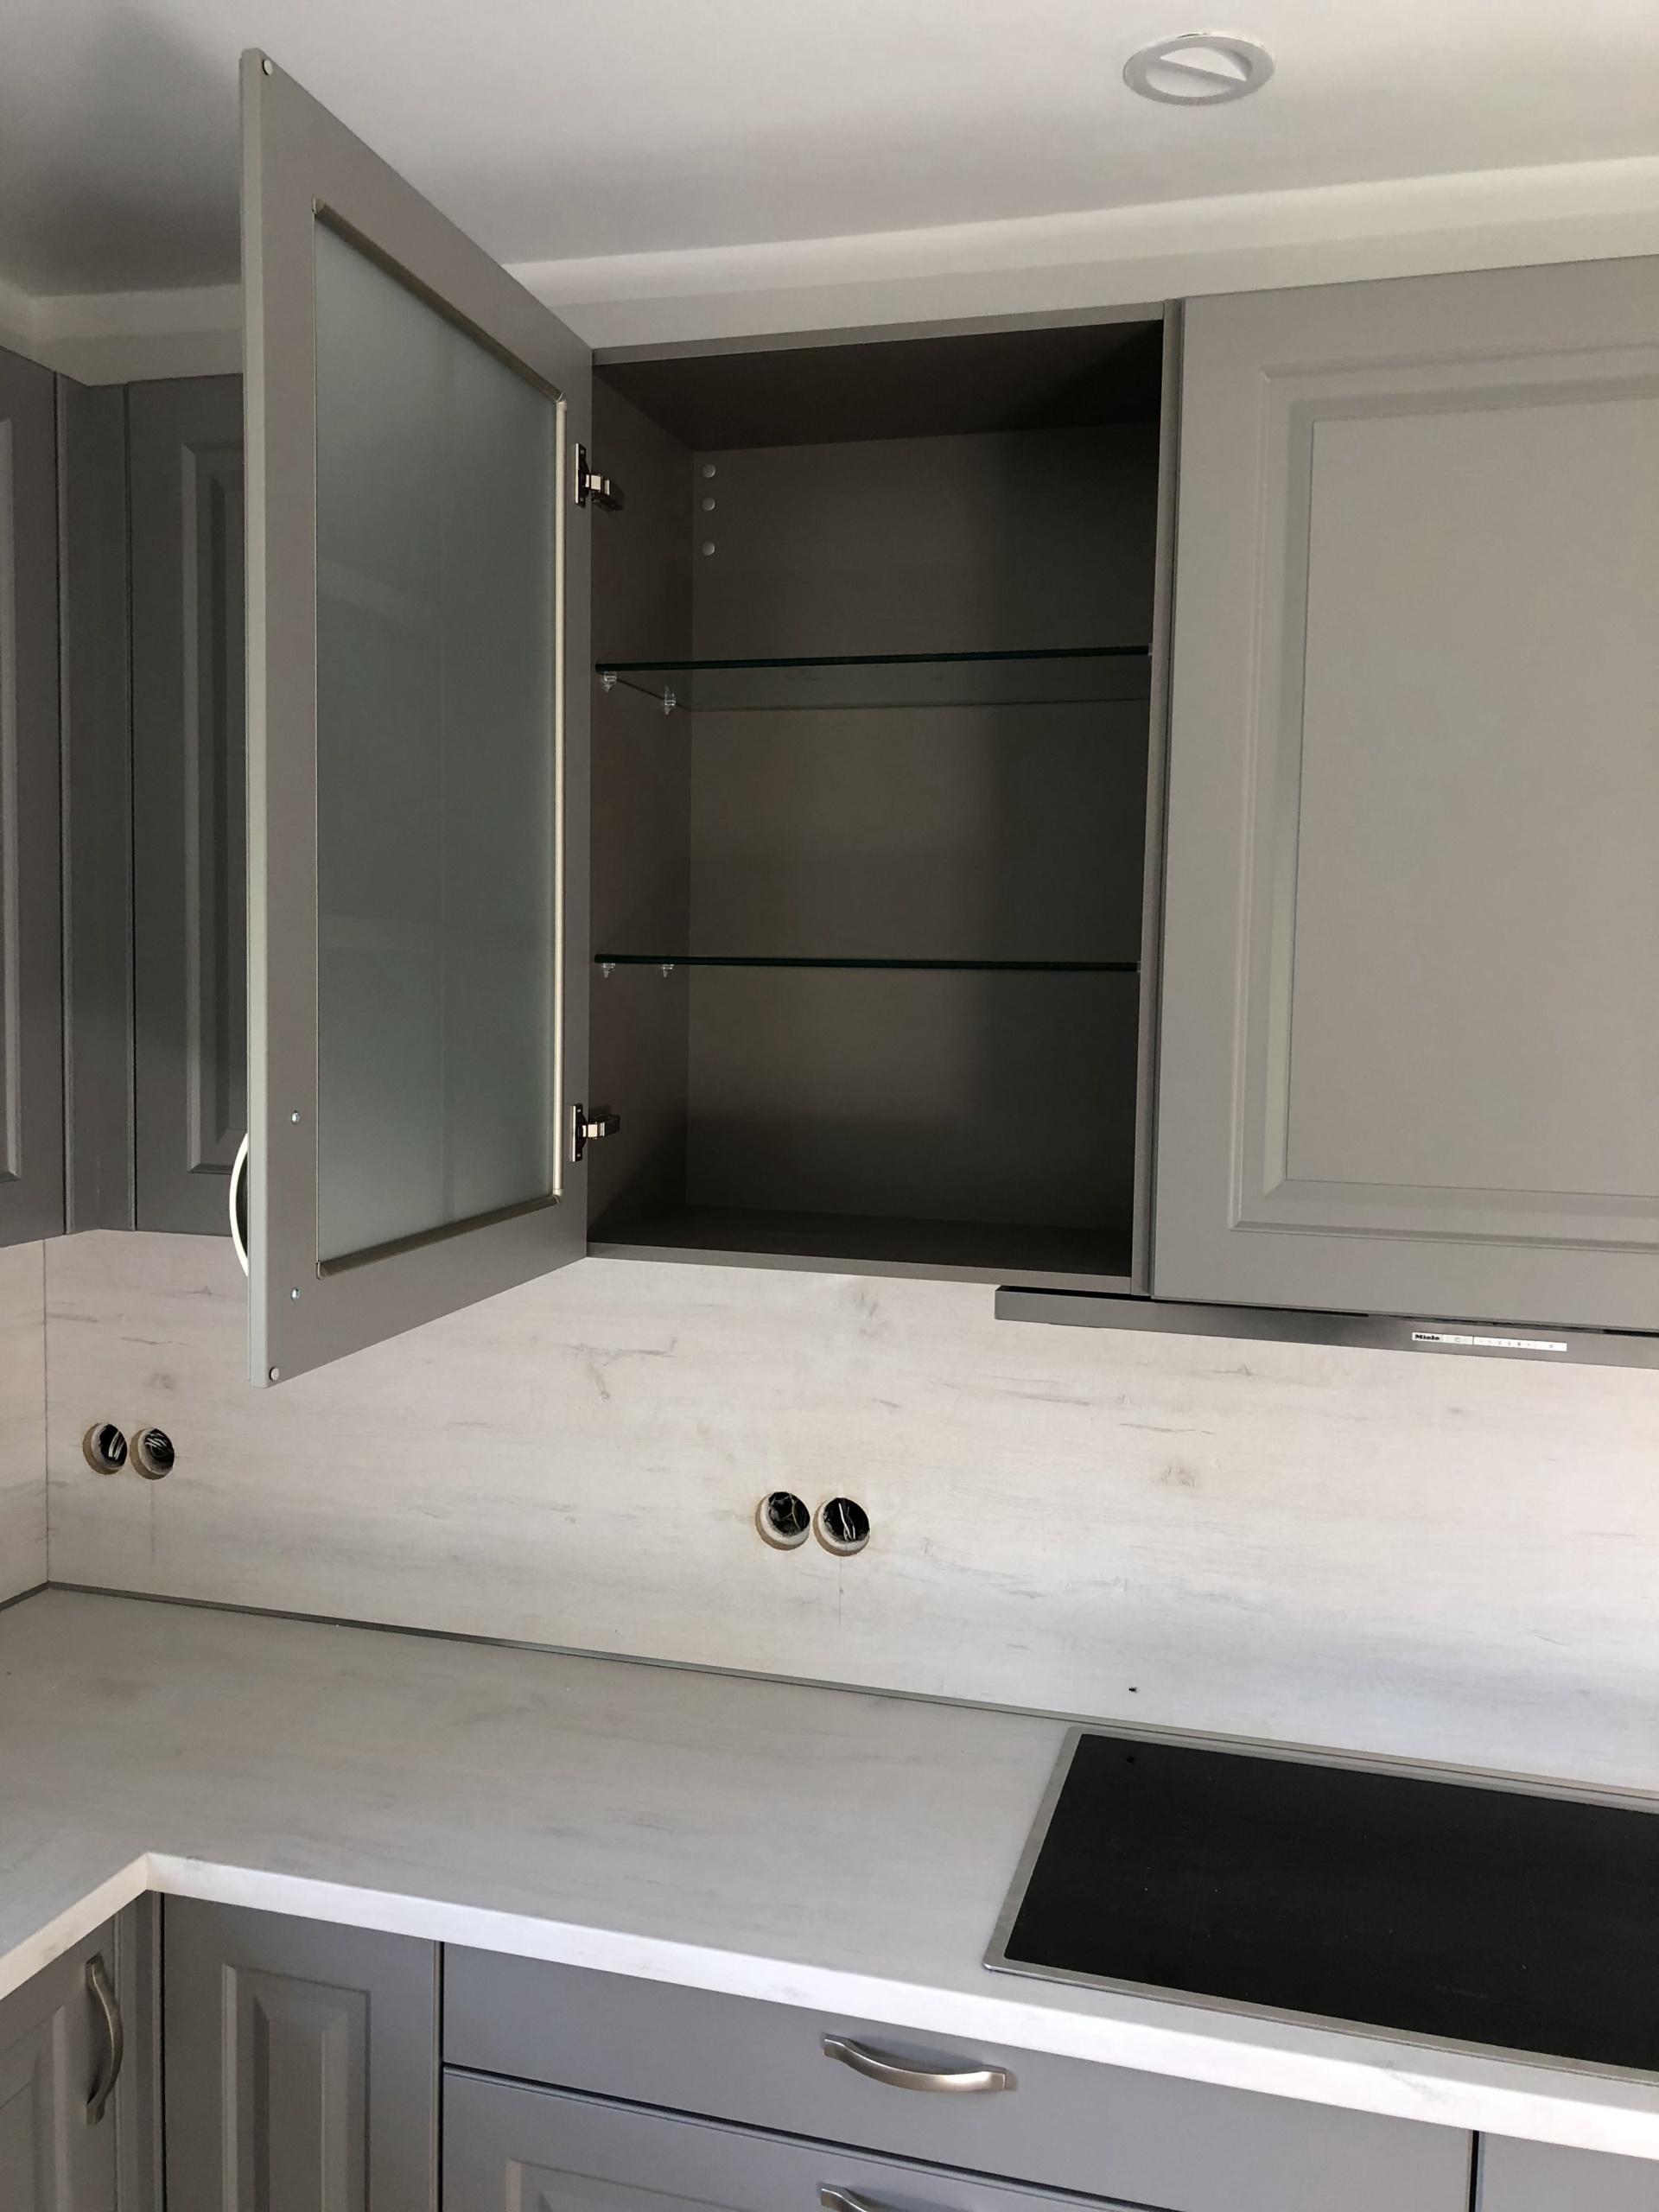 Winkelküche Inox Grau Glashänger